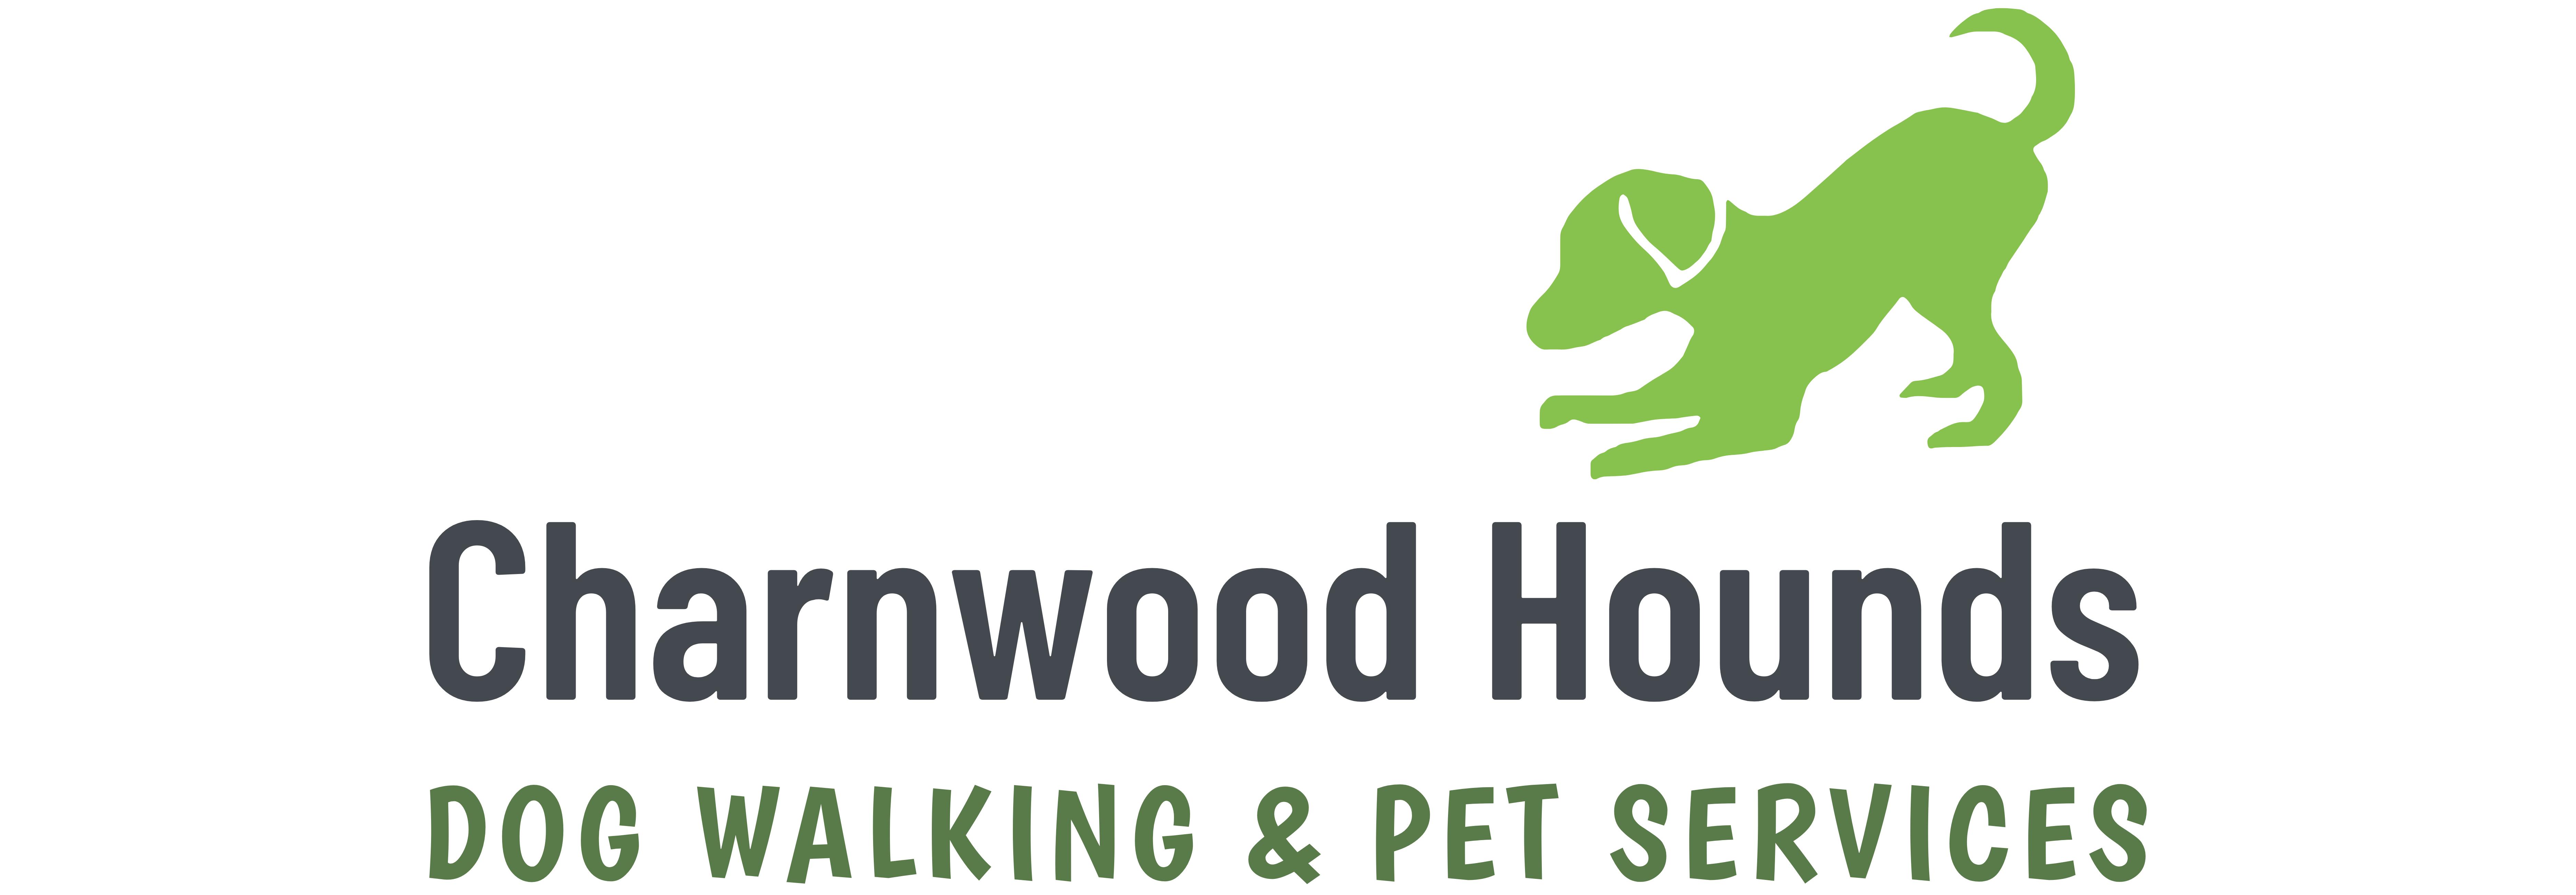 Charnwood Hounds